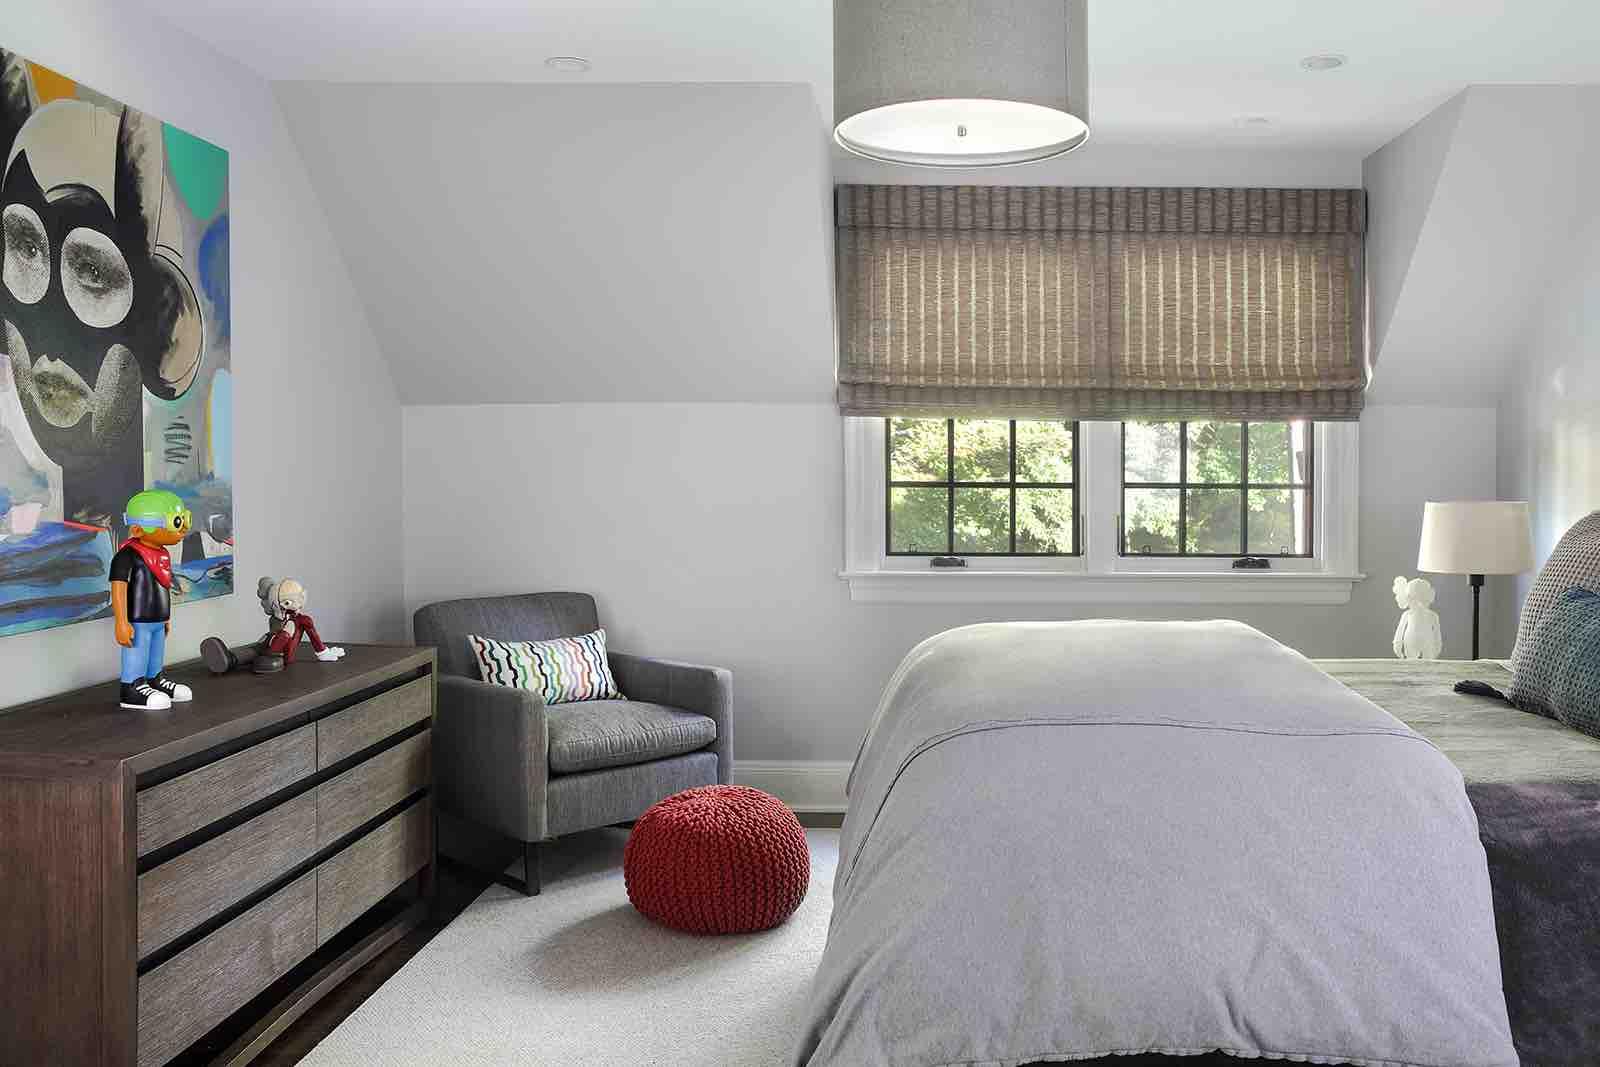 Teen Boy's BEDROOM & BATH – Summit, NJ Home Renovation